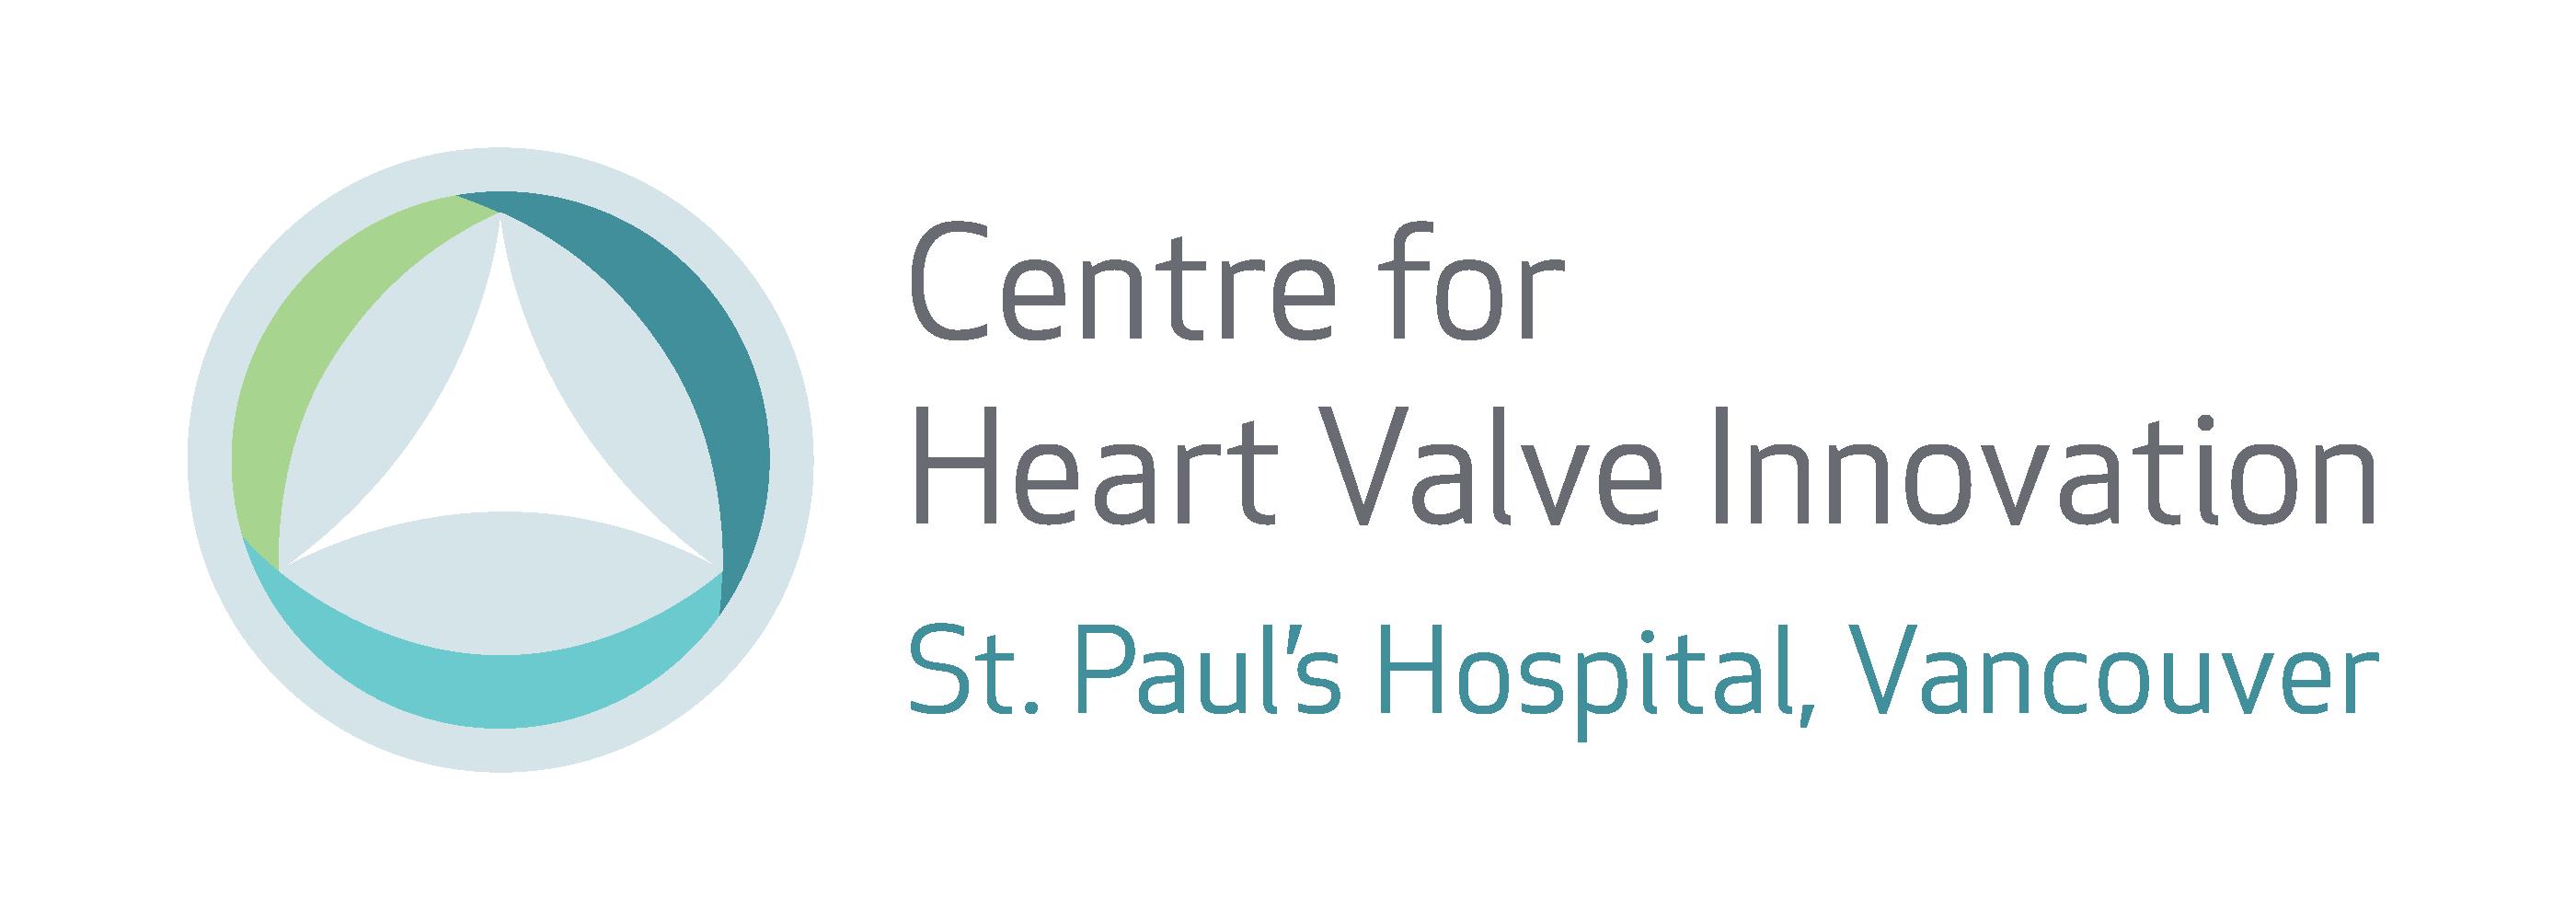 Centre for Heart Valve Innovation